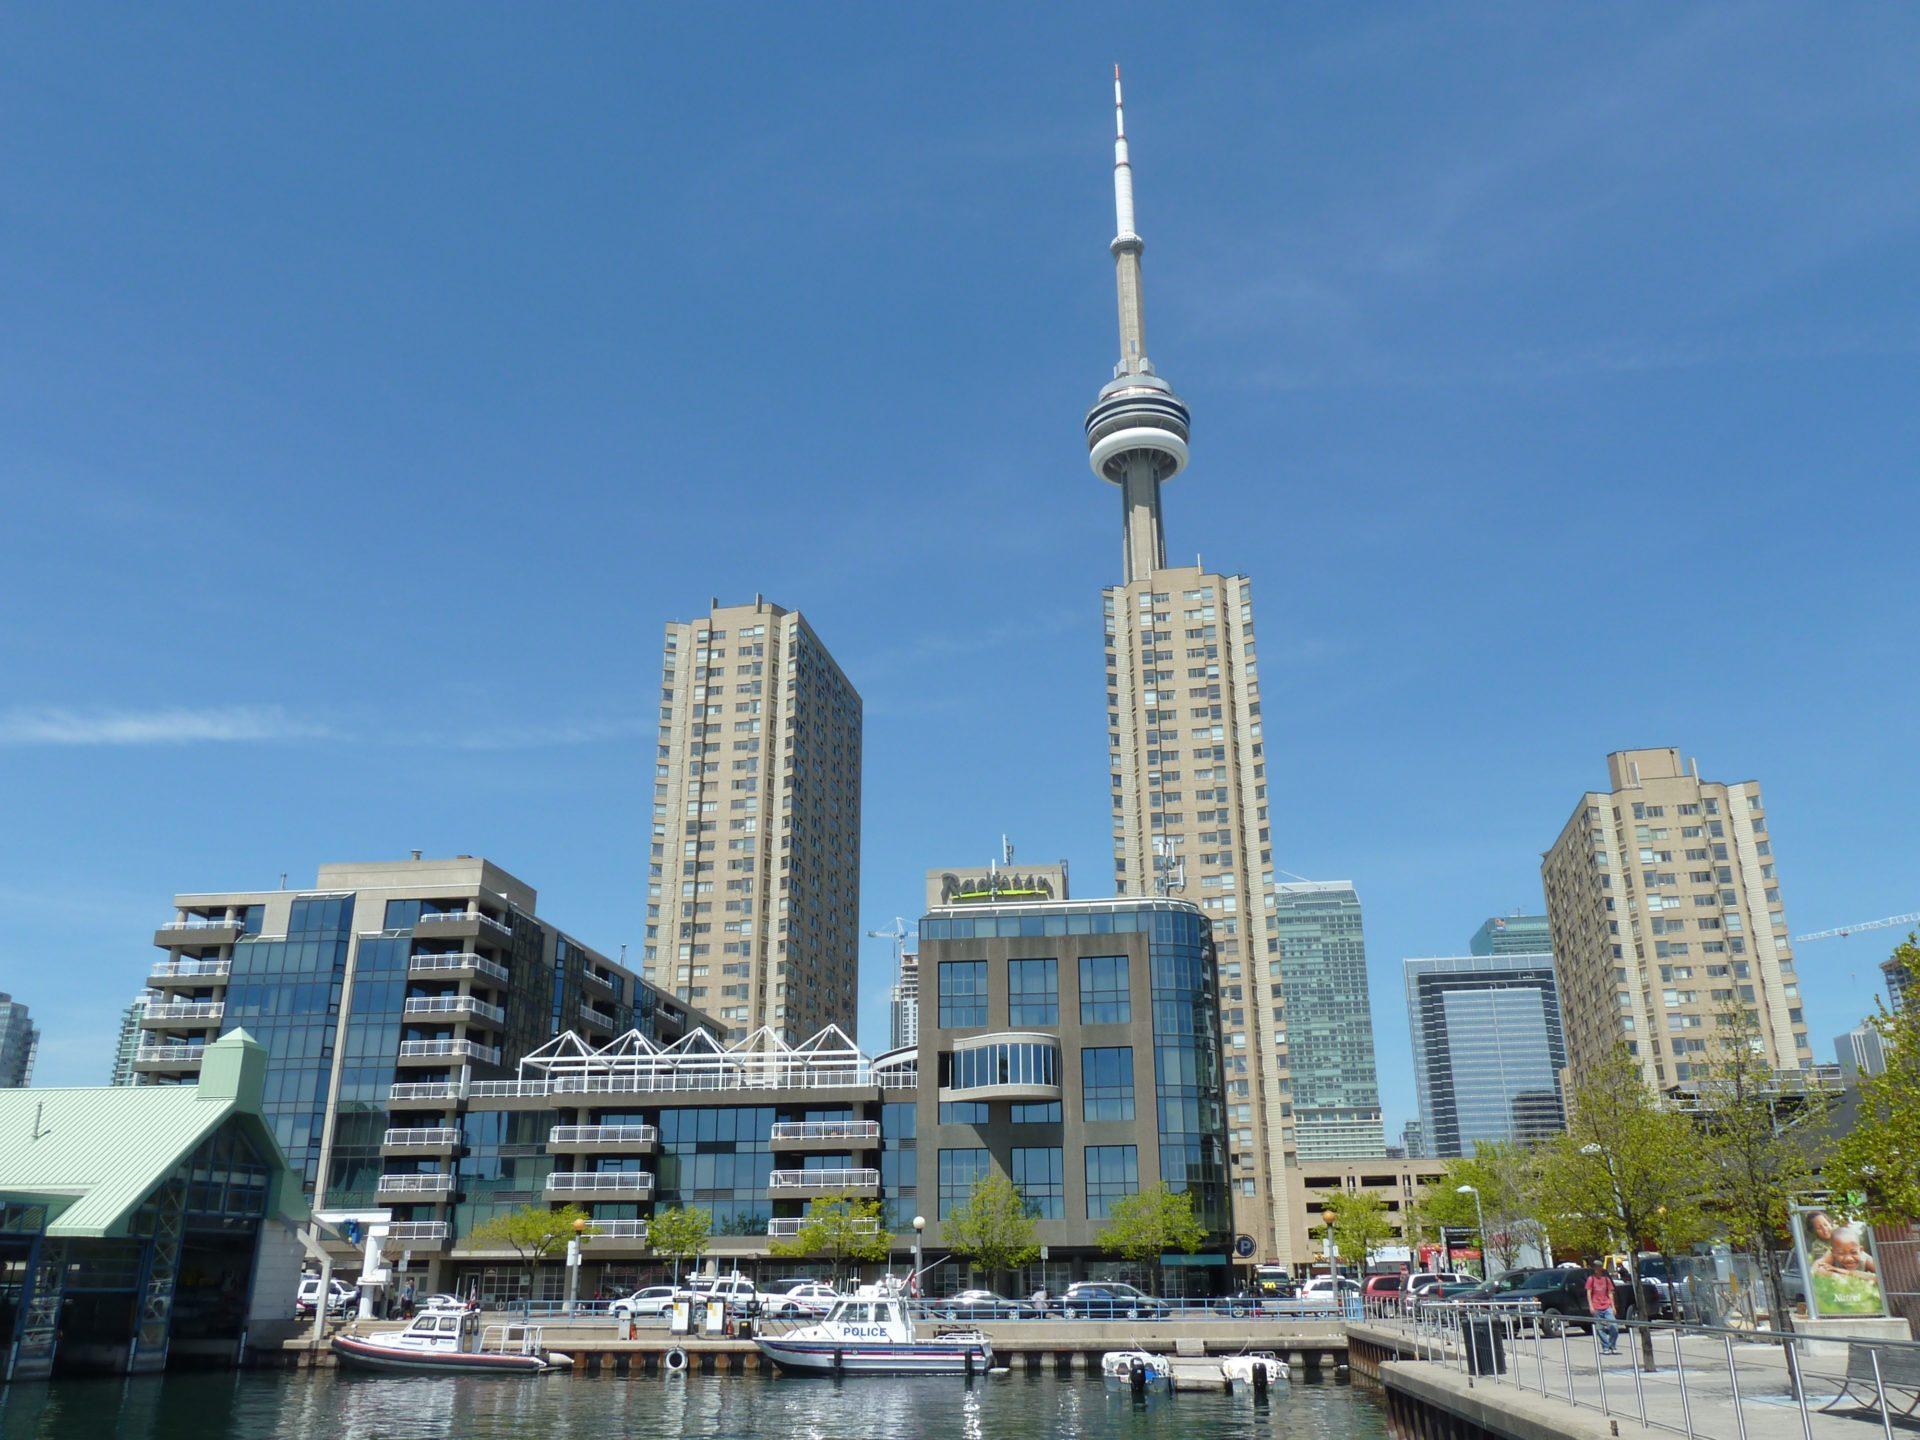 Apartamentowce Harbourfront Centre nad jeziorem Ontario w Toronto